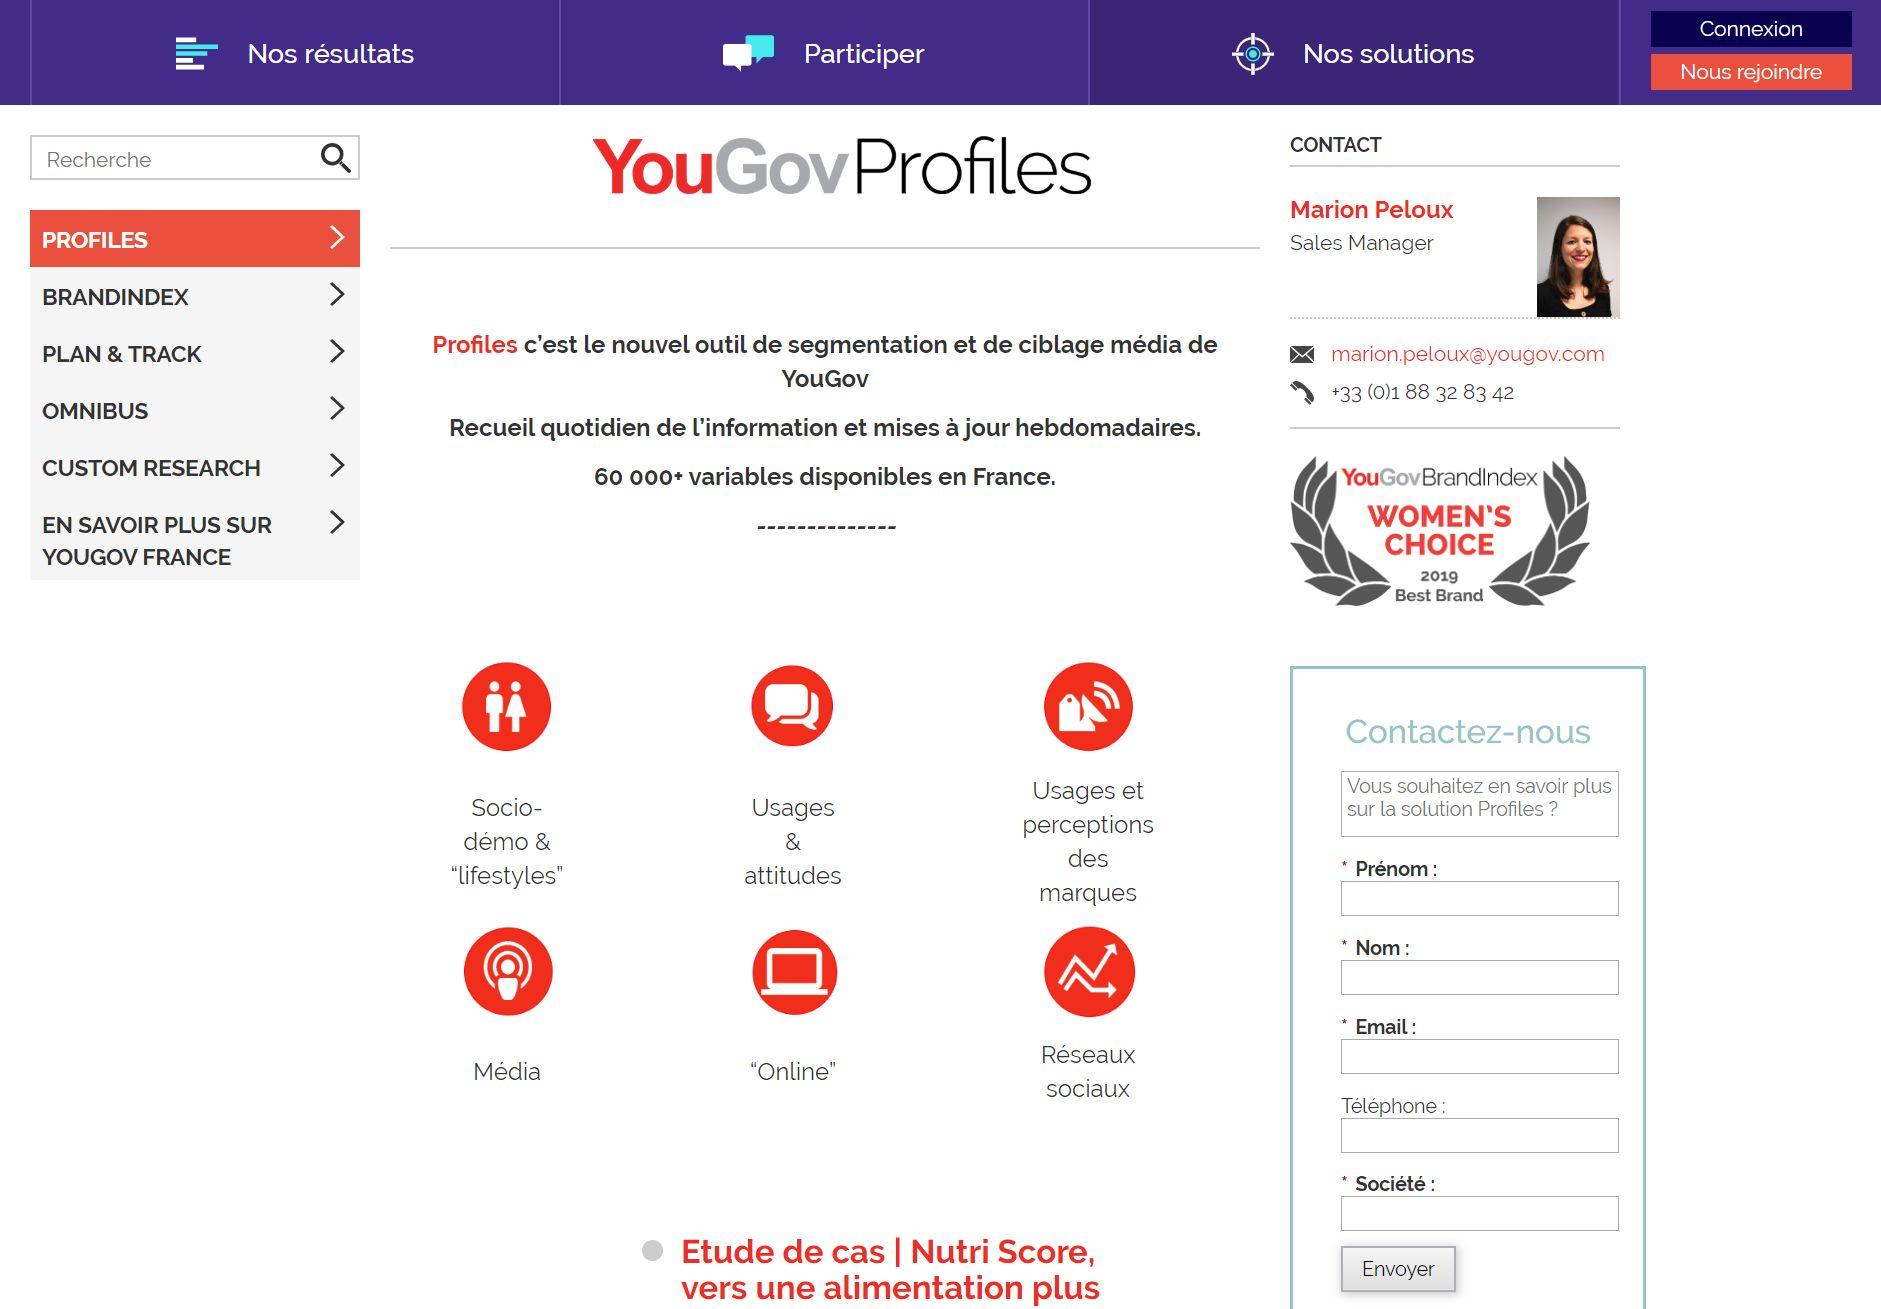 répondre au sondage rémunéré de yougov